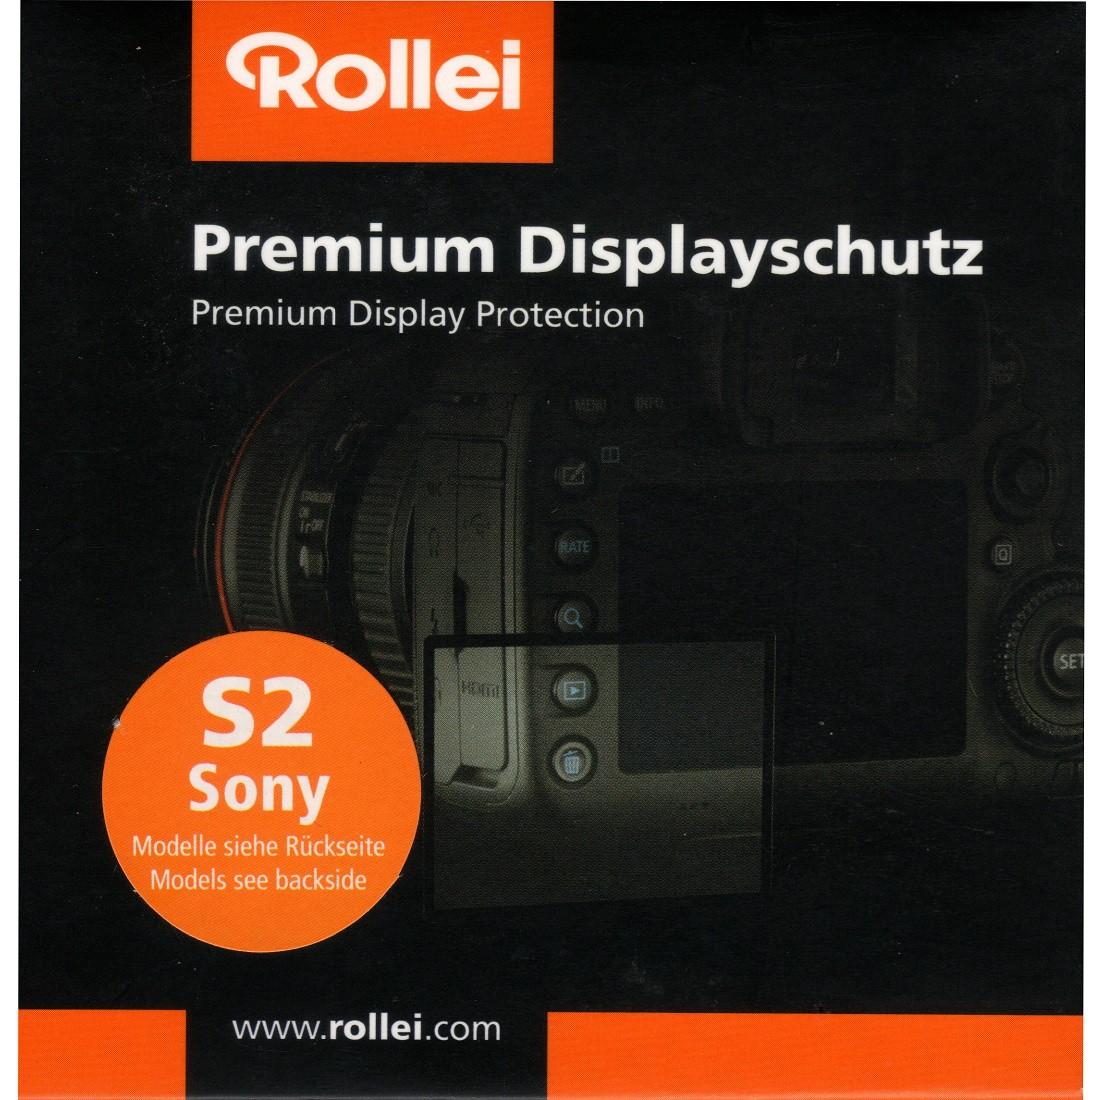 Rollei Premium Displayschutz S2 Sony NEX6, NEX7, A5000, A5100